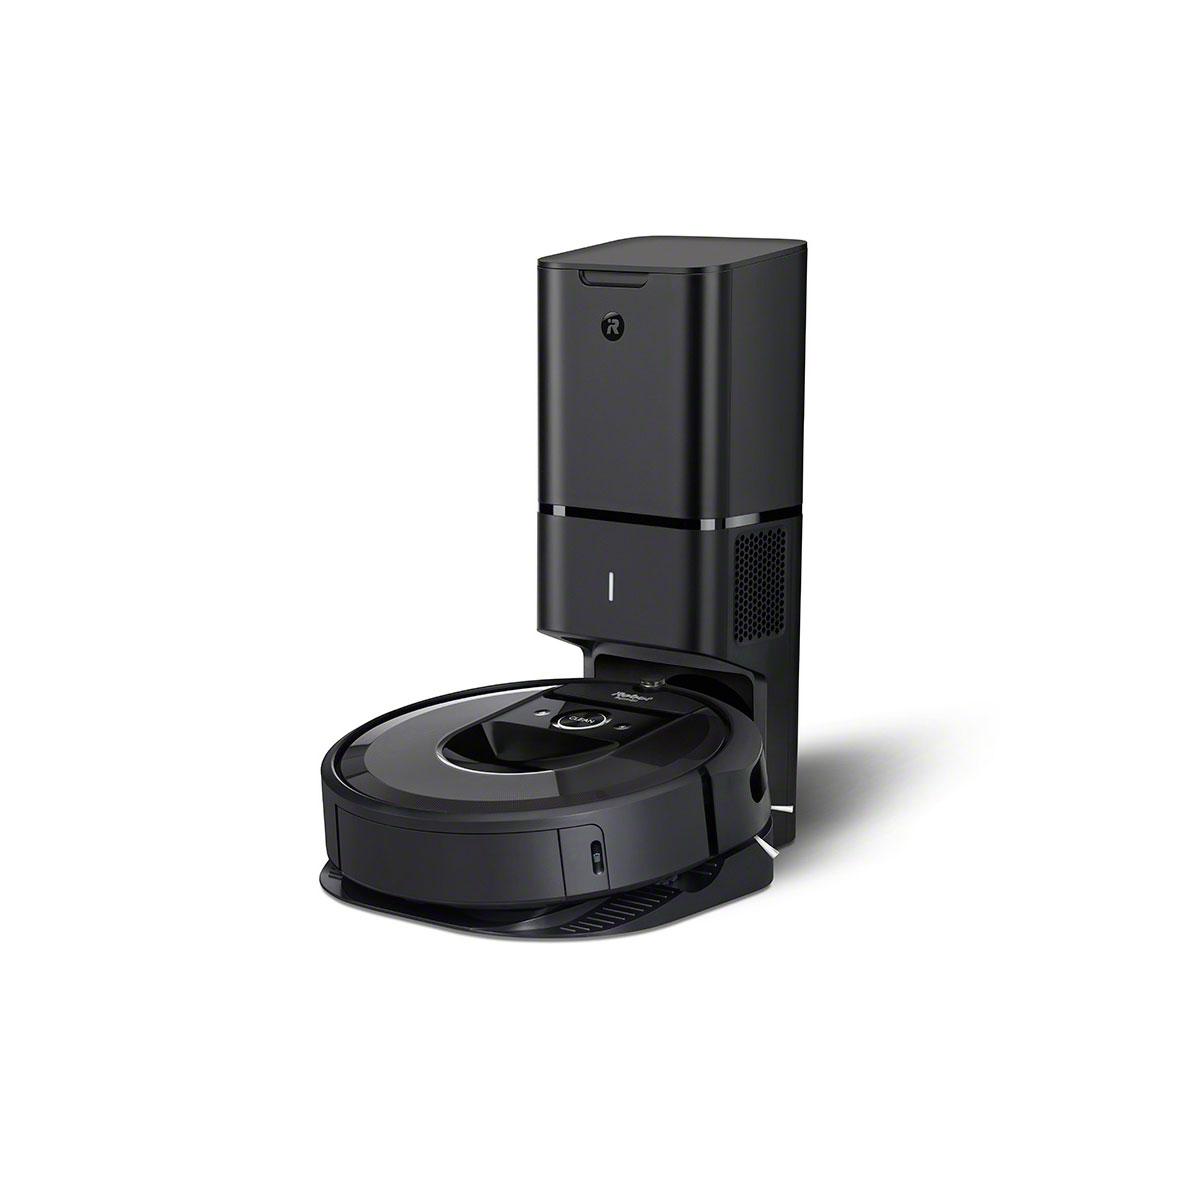 【今週発売の注目製品】自動ゴミ収集機が付属したロボット掃除機「ルンバi7+」が登場